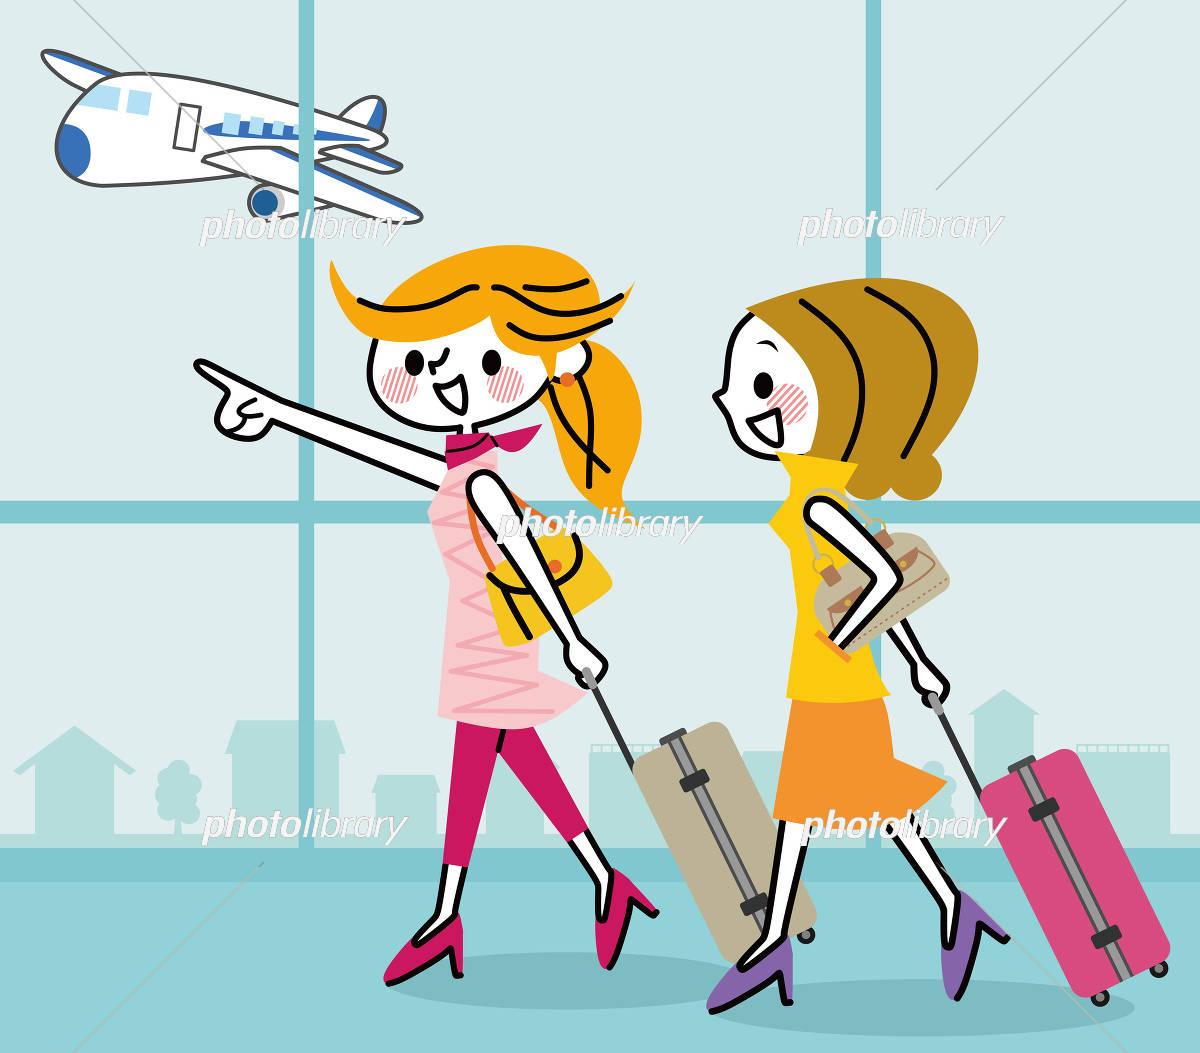 旅行 女性 空港 イラスト素材 [ 5473847 ] - フォトライブラリー